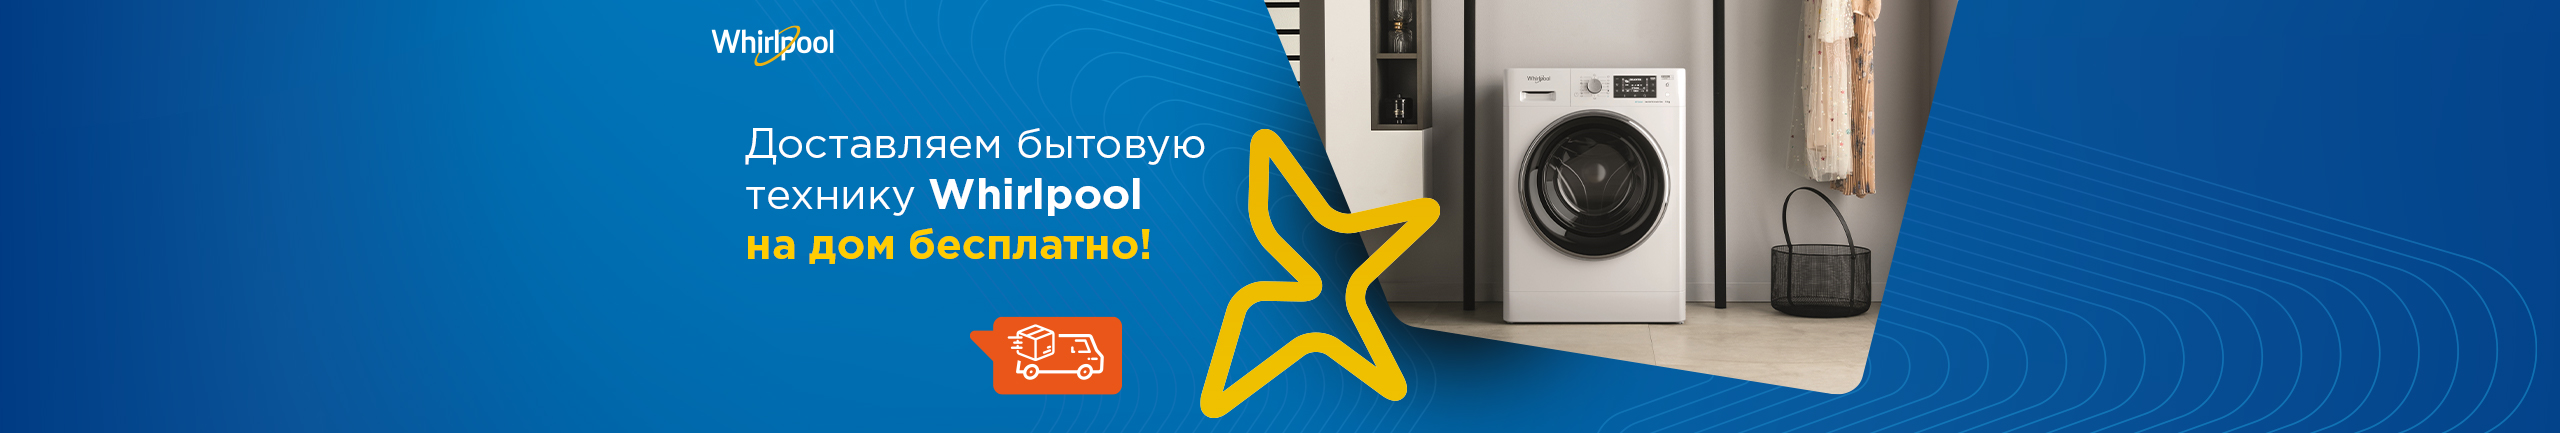 Доставляем бытовую технику Whirlpool на дом бесплатно!